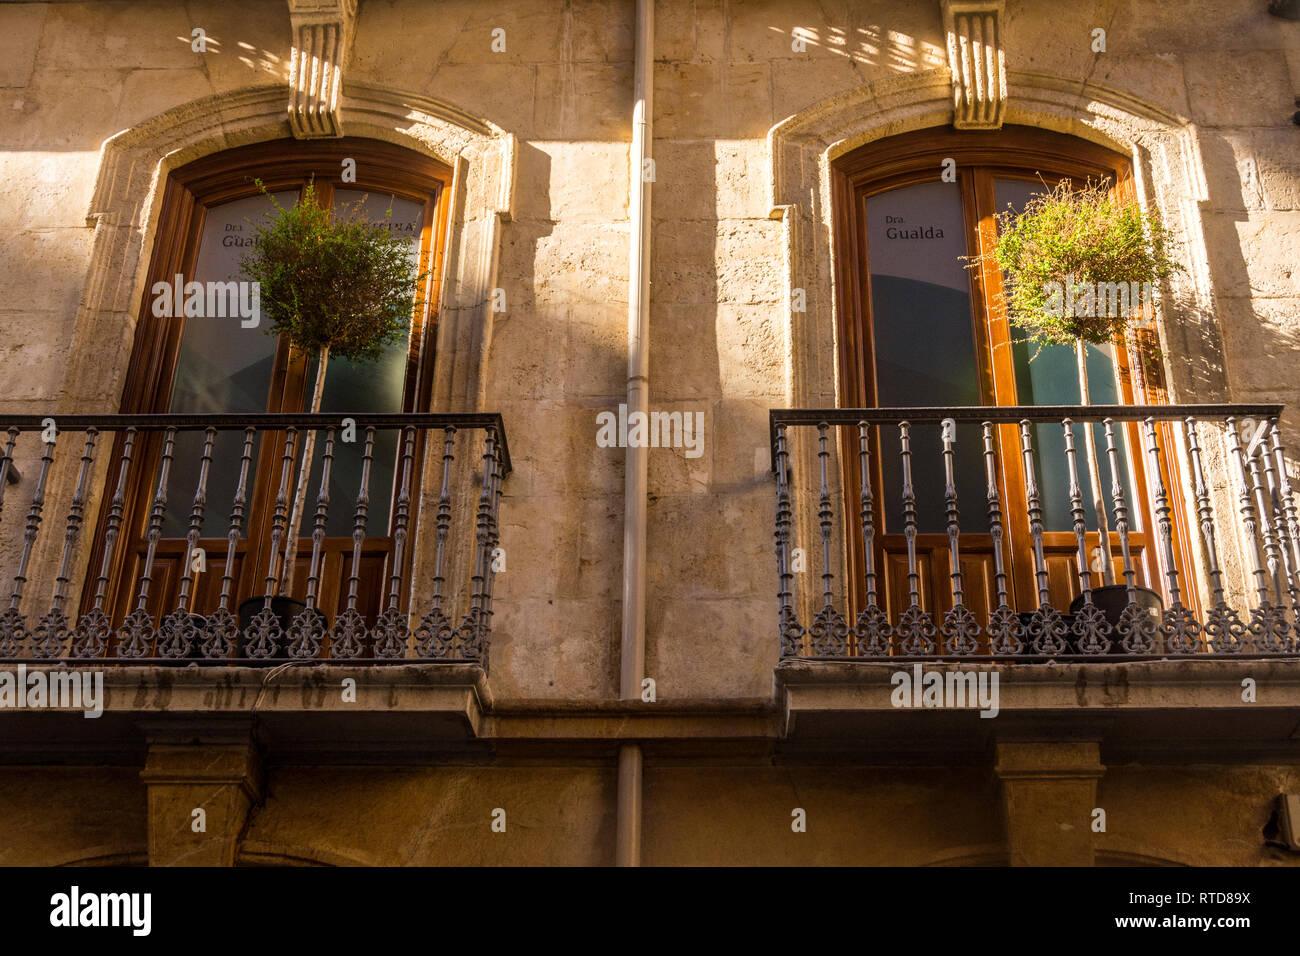 Due grandi finestre con balconi in ferro battuto. Immagini Stock